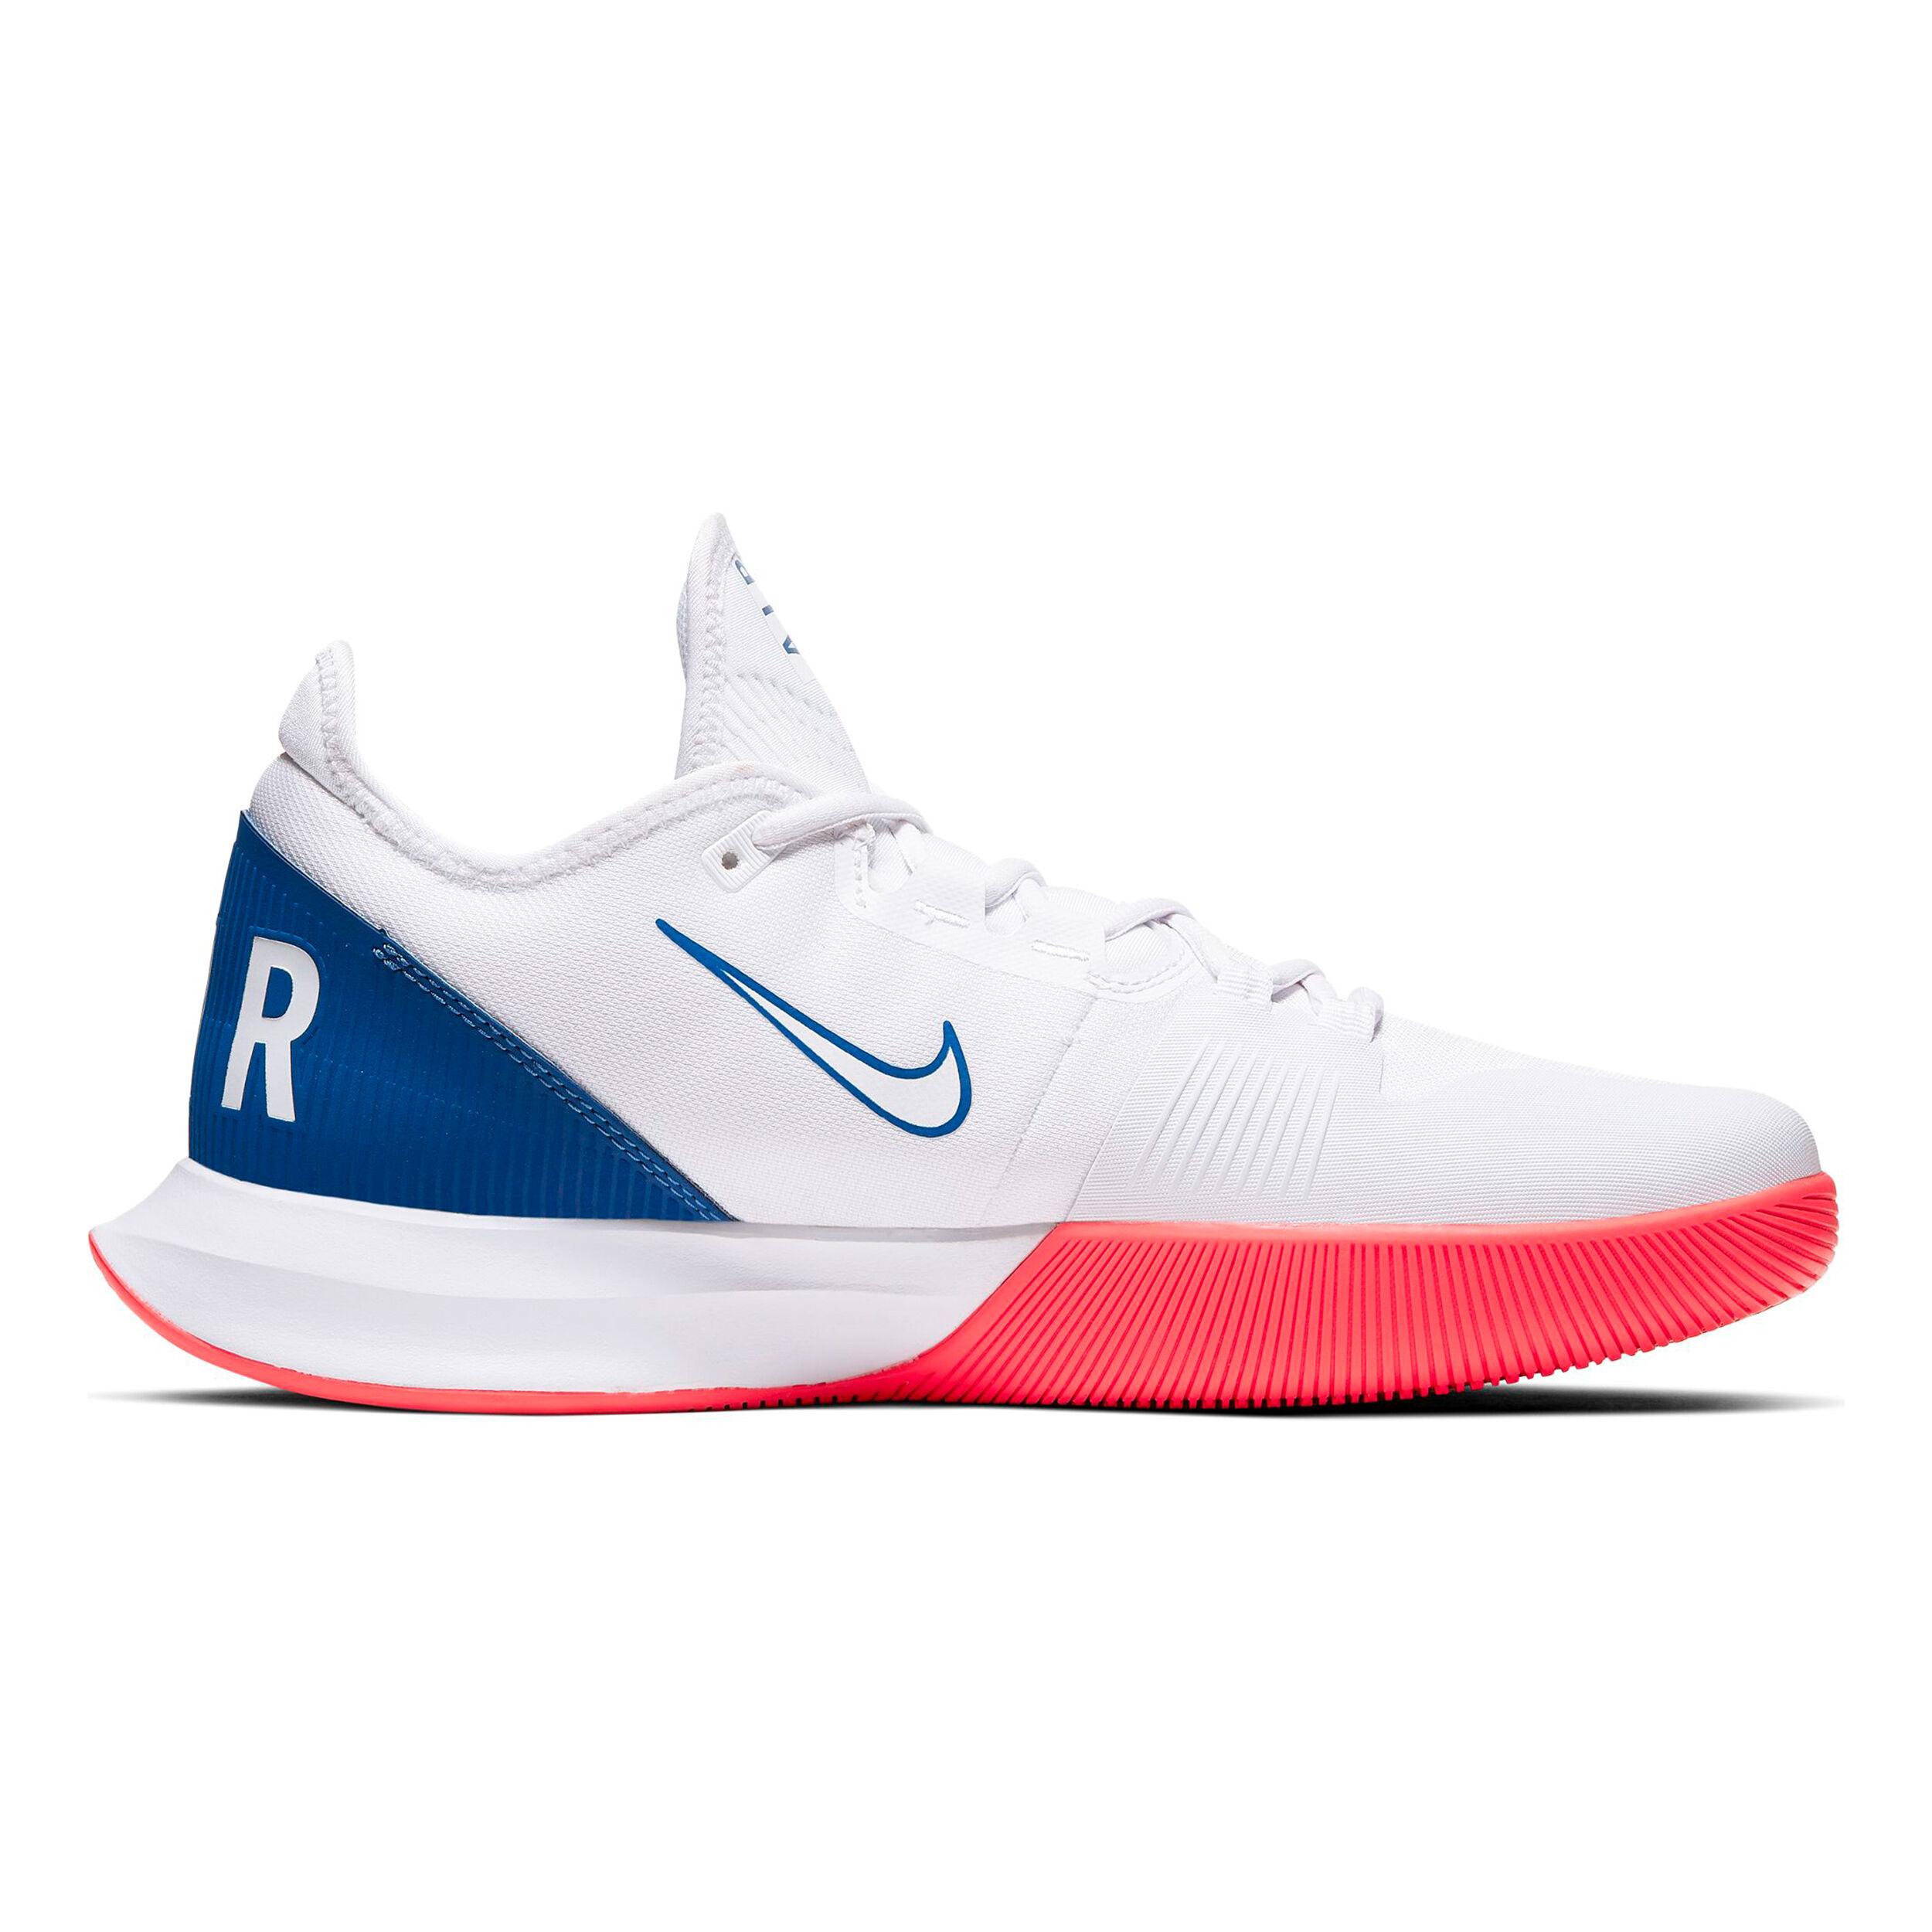 Nike air max 90 herren im Shop sicher in Raten bezahlen